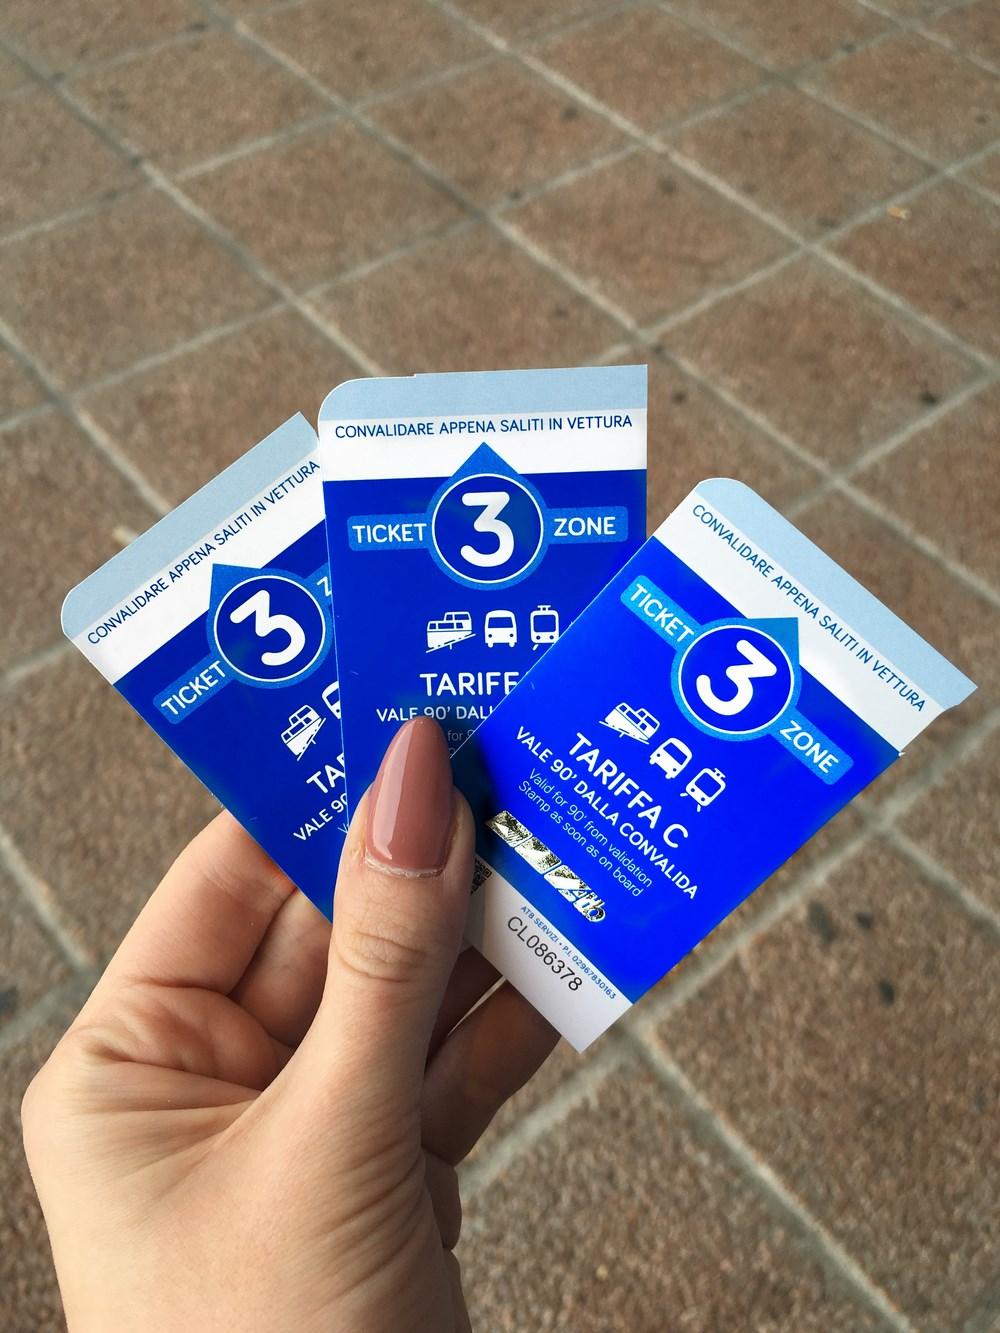 Włochy - bilety na autobus